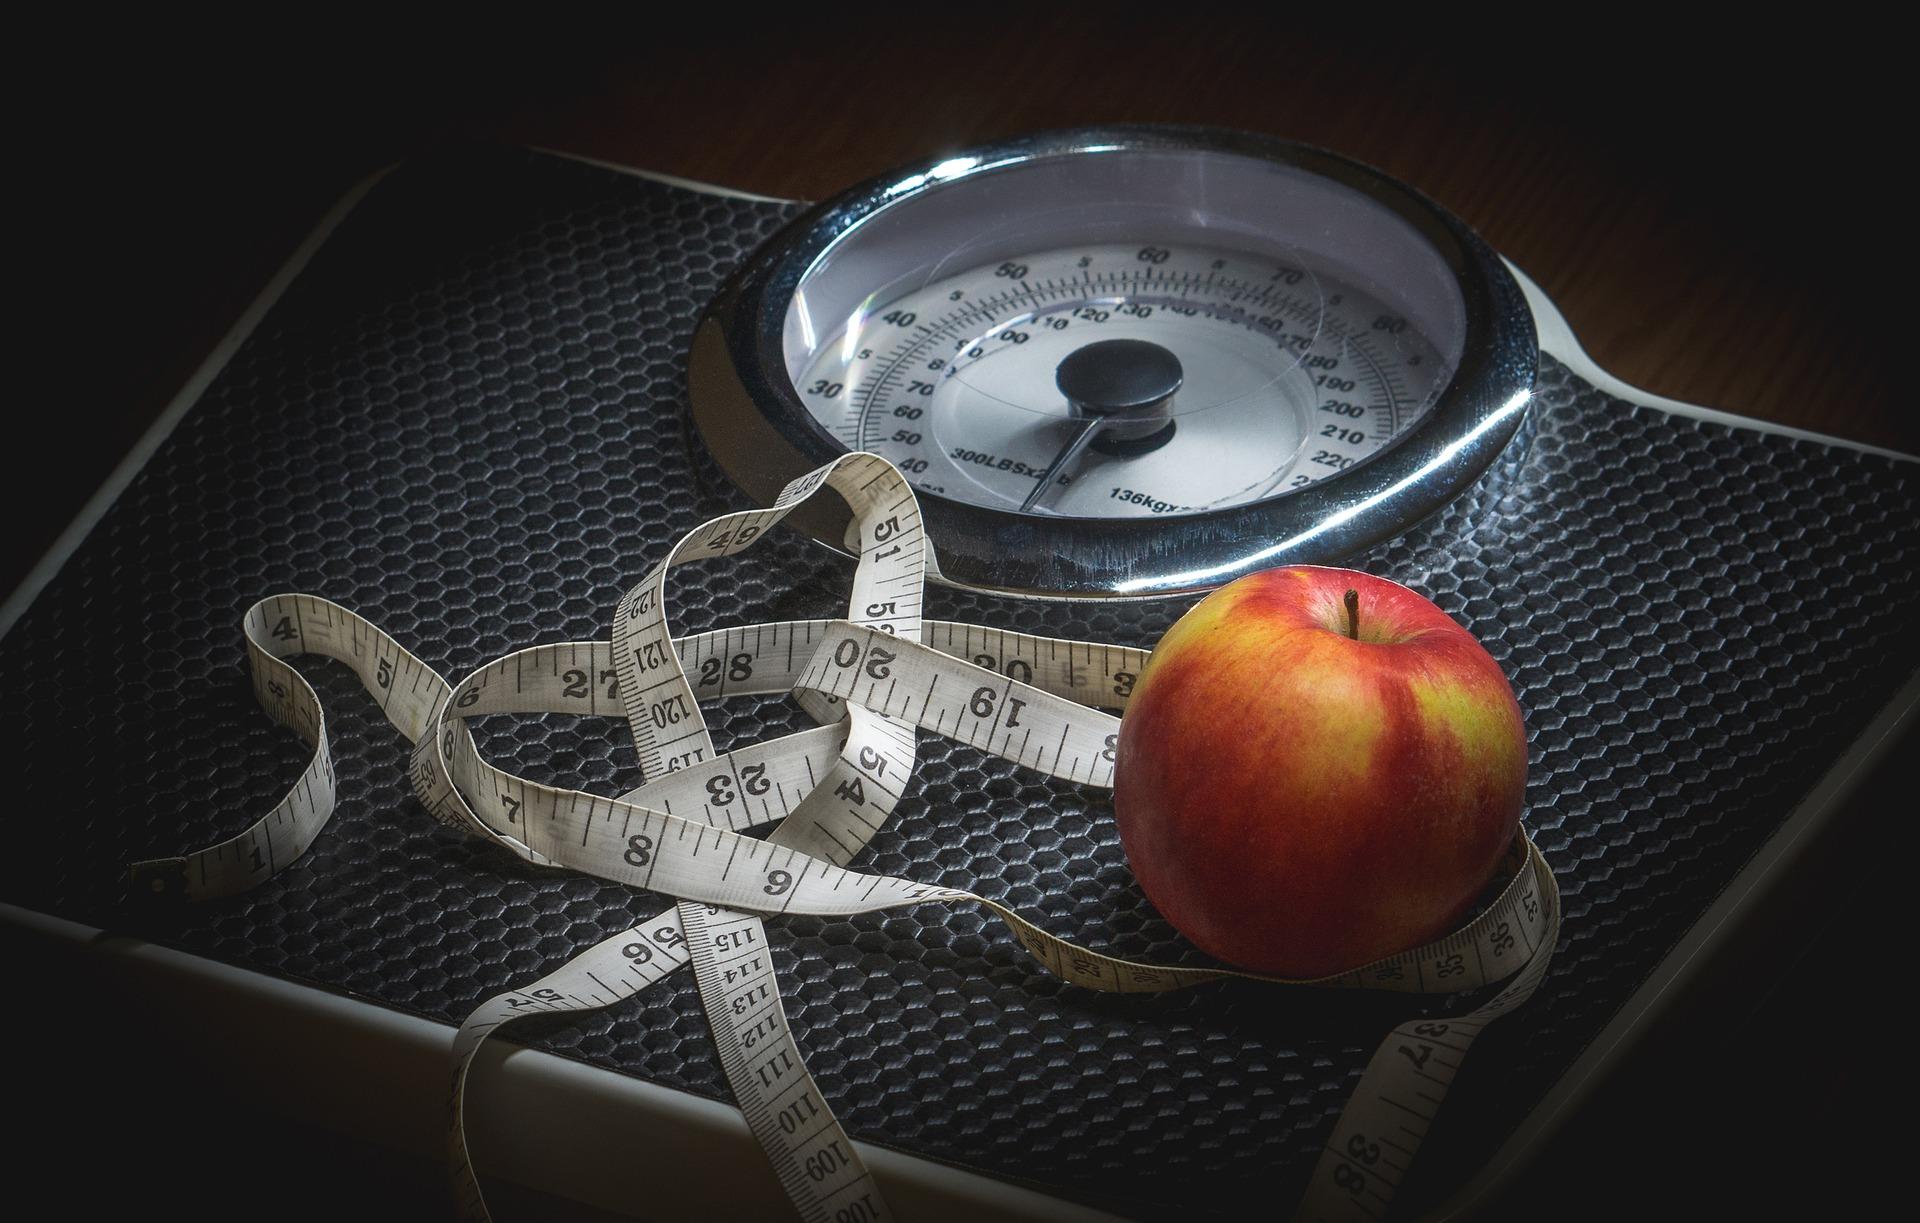 Maigrir en 1 semaine : combien de kilos peut-on perdre ?